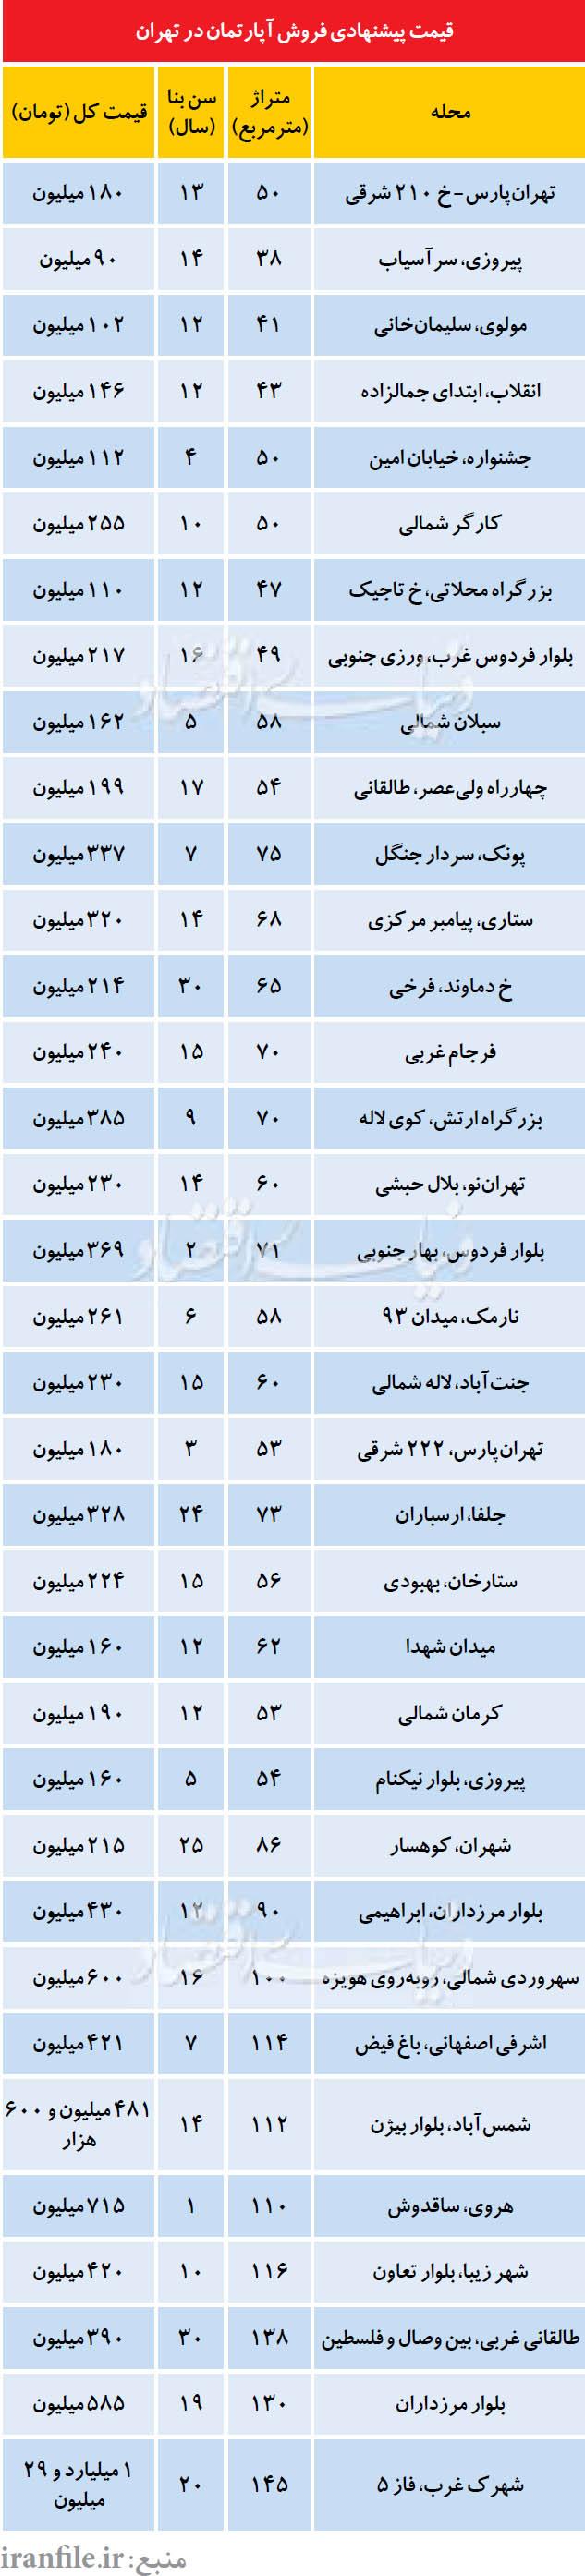 پیشنهادات جدید در بازار مسکن تهران + جدول